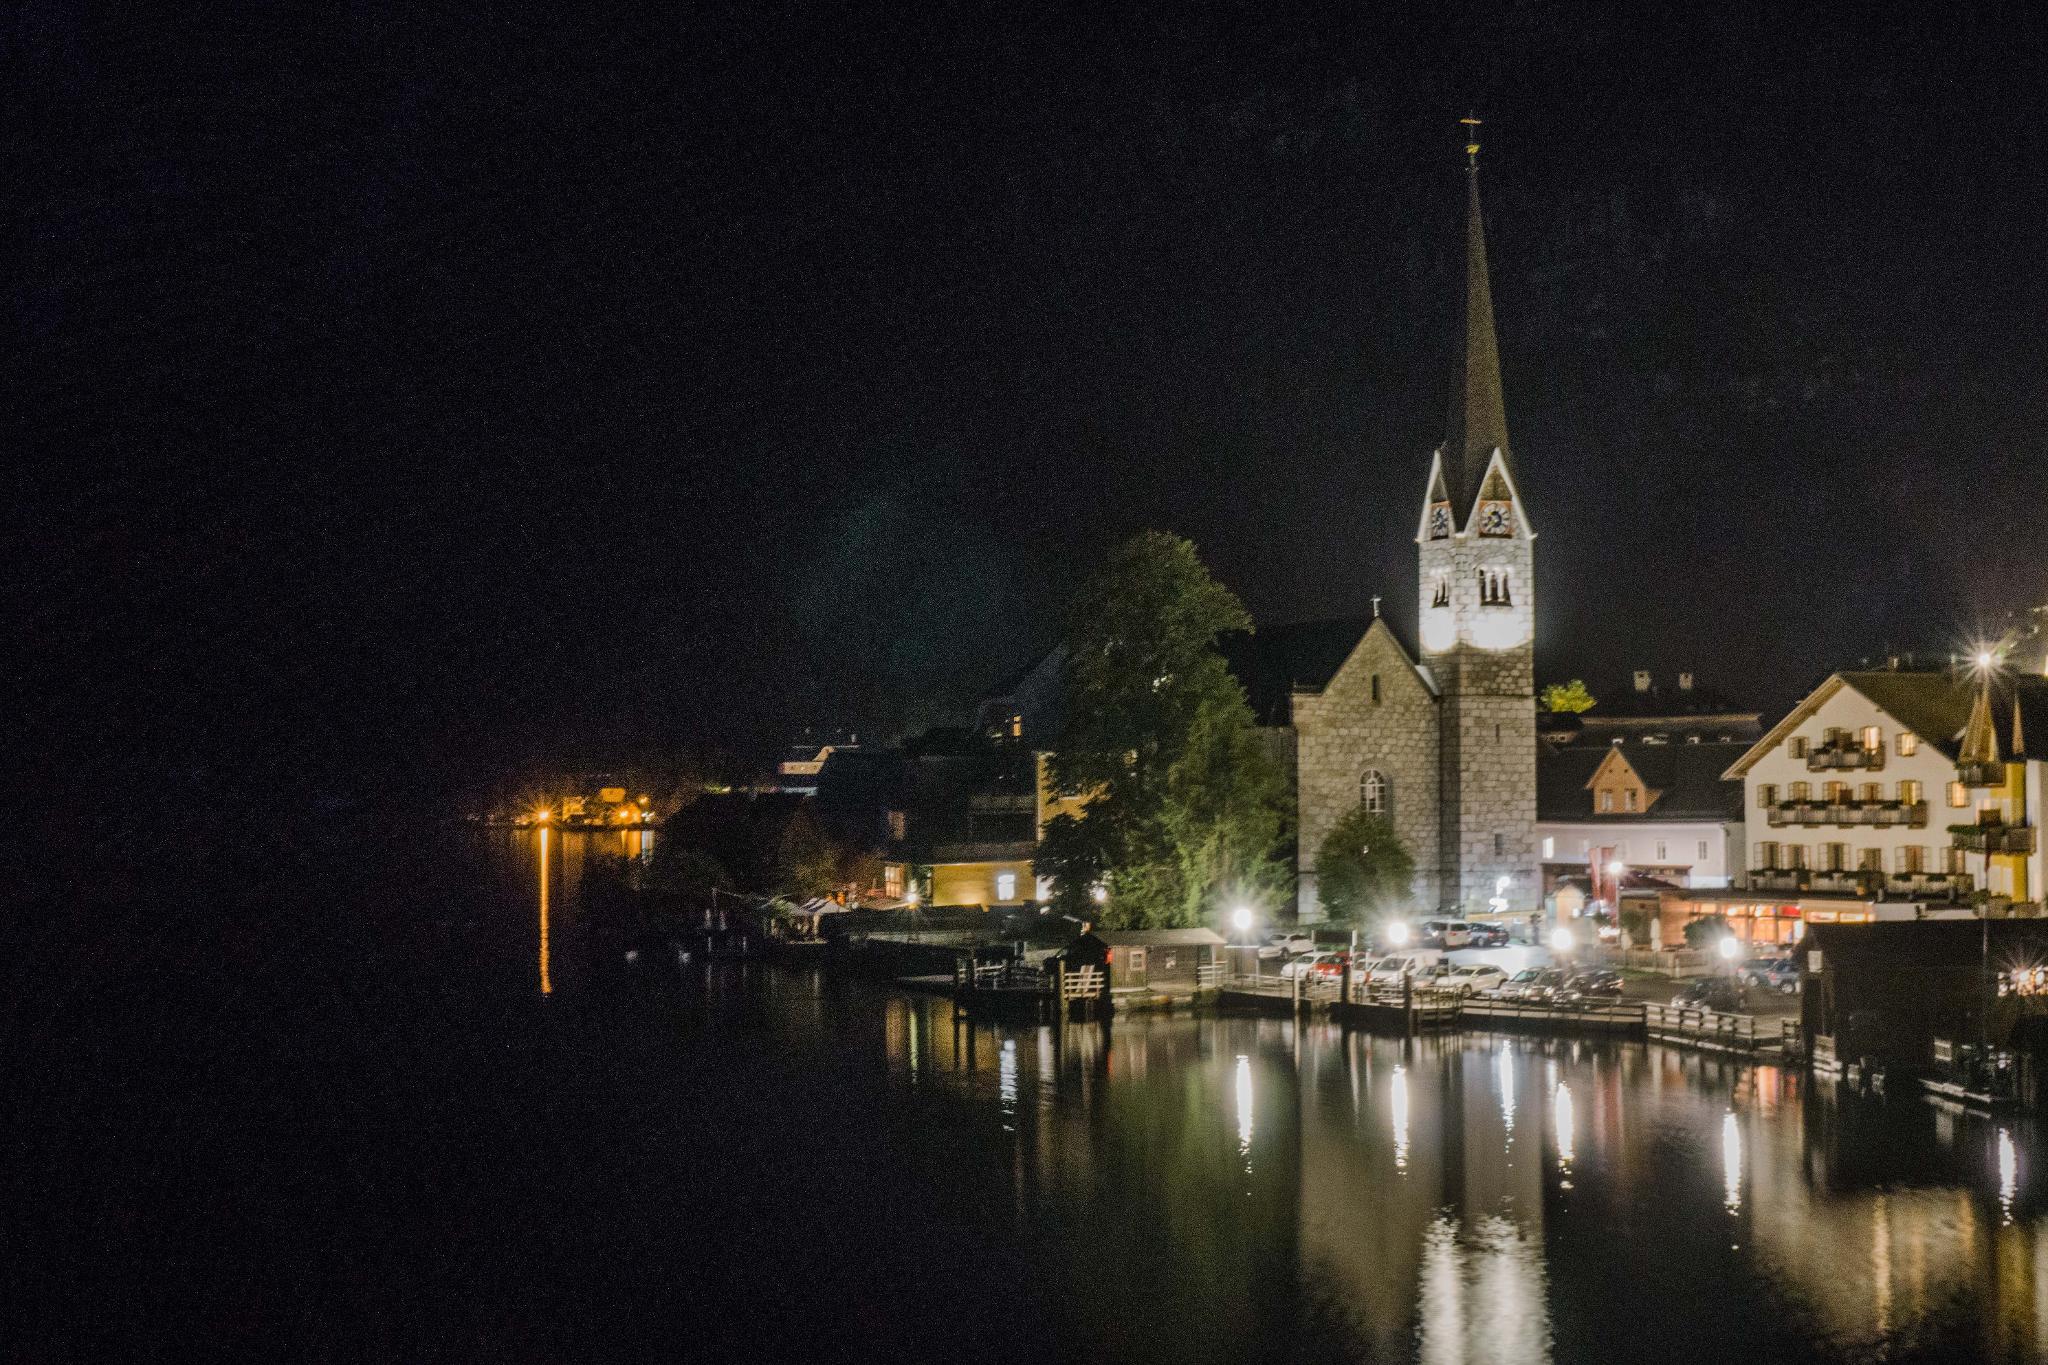 【奧地利】童話仙境 Hallstatt 哈修塔特 — 追逐世界遺產小鎮的夢幻黃金日出 45